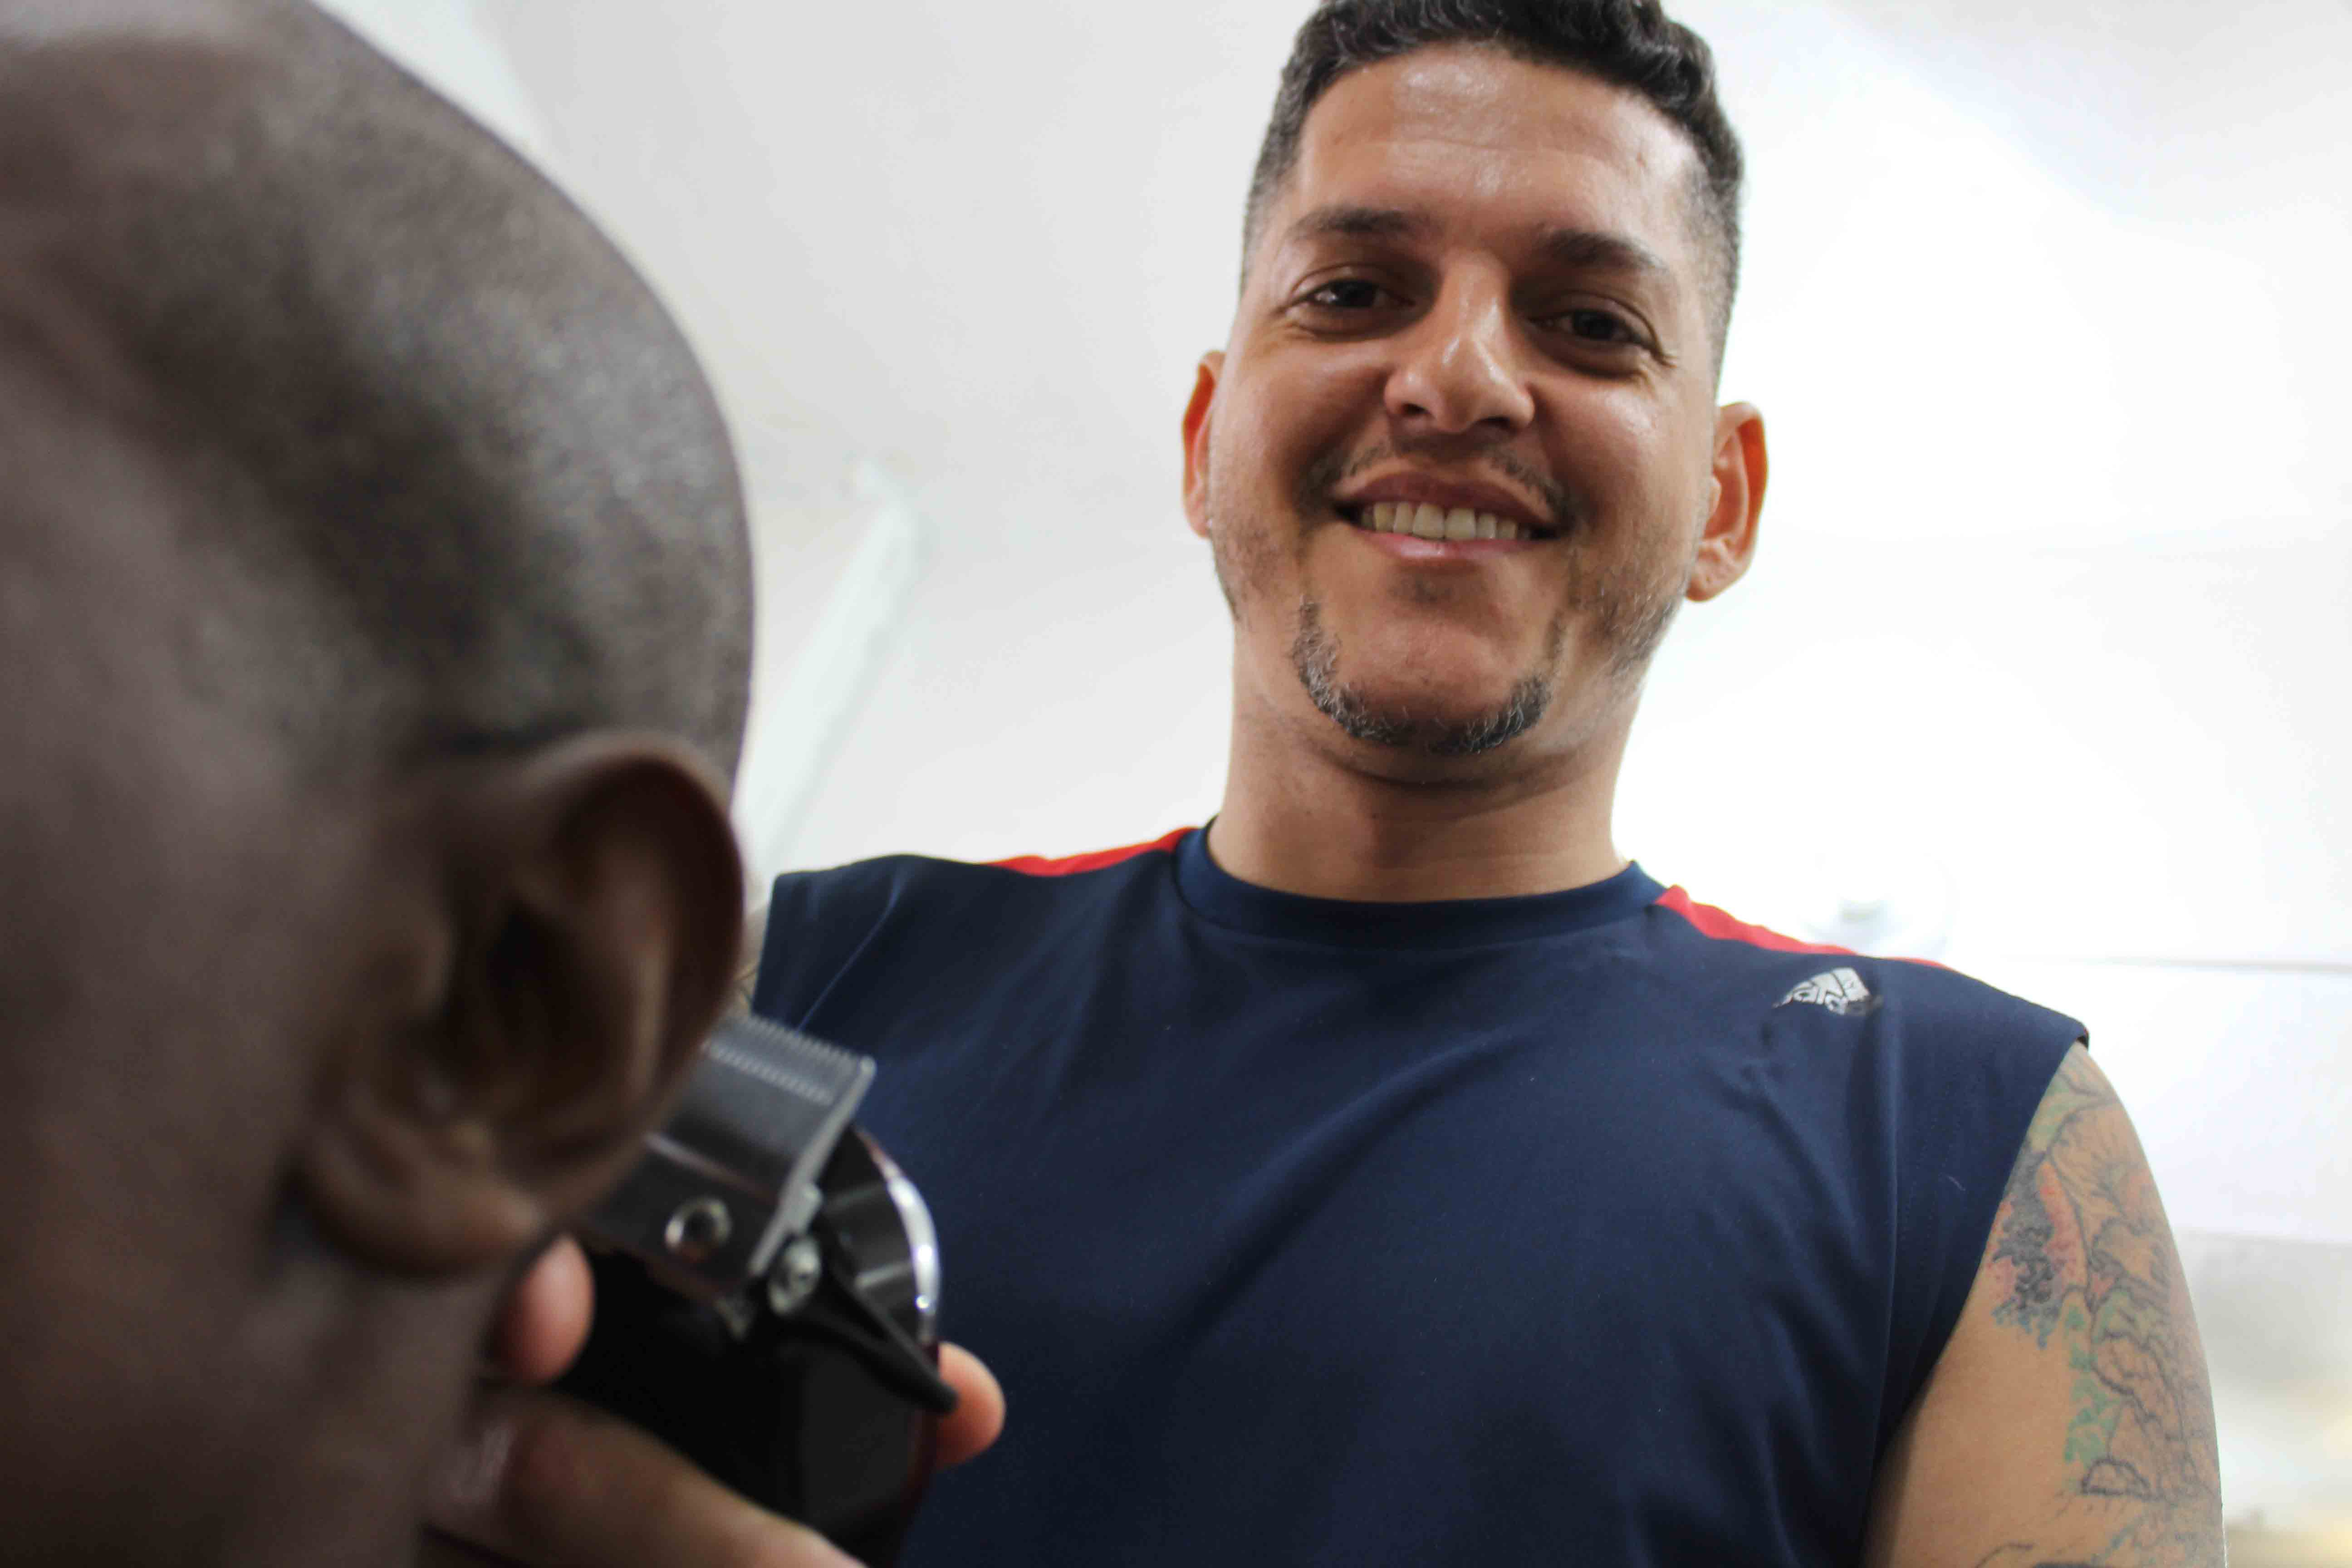 Foto: Caio Lima/Voz das ComunidadesFoto: Caio Lima/Voz das Comunidades